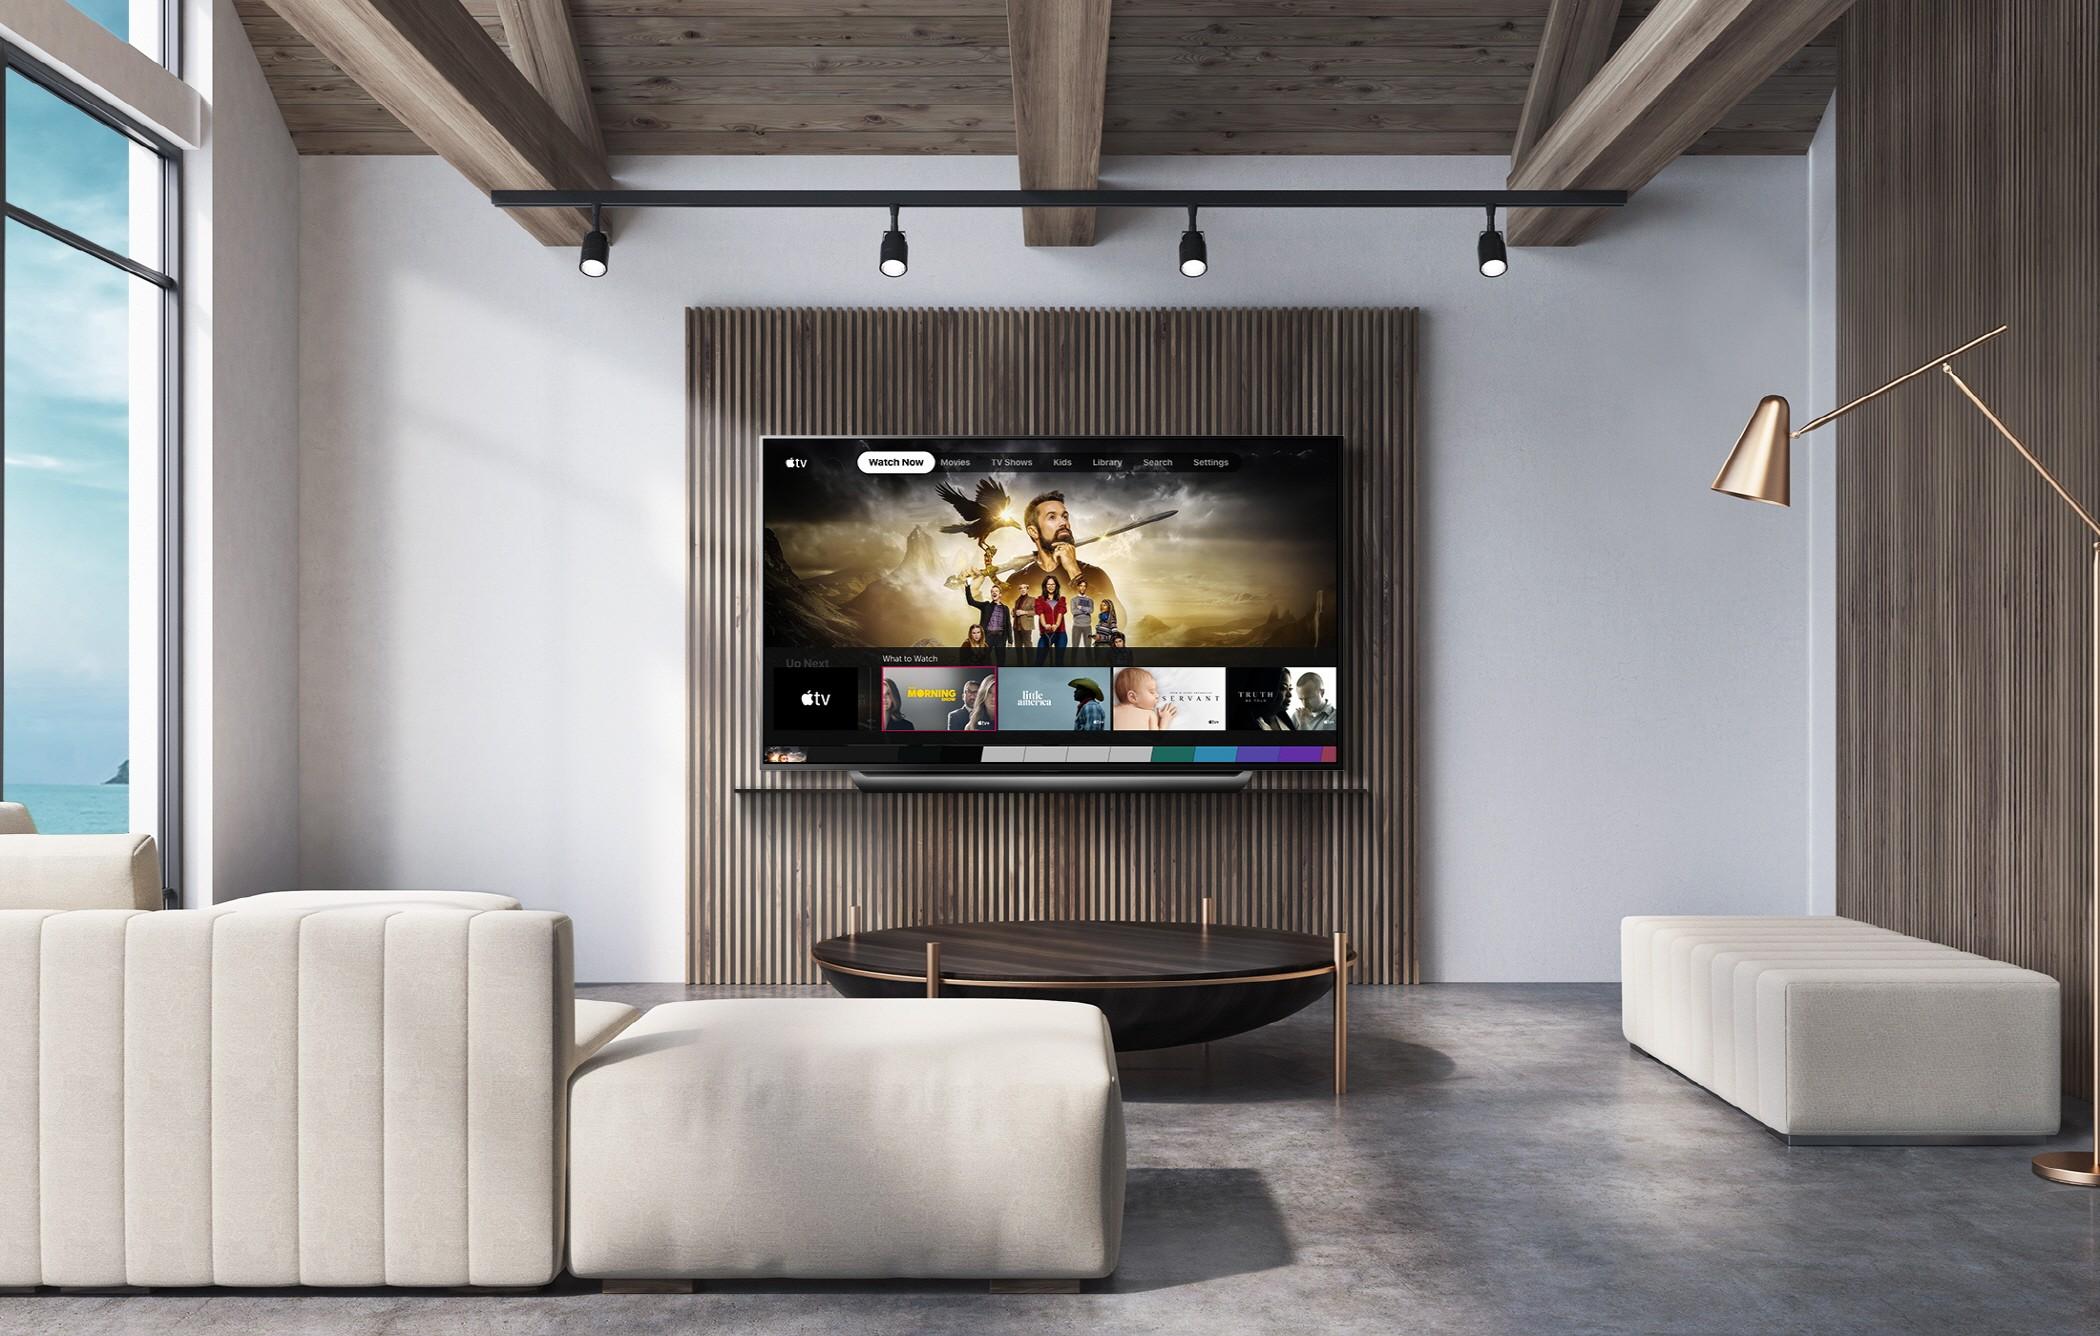 LG telebistak ekipamendu jabeentzako aukerarik onena bihurtu dira Apple'Eta.  Samsung atzean geratzen da